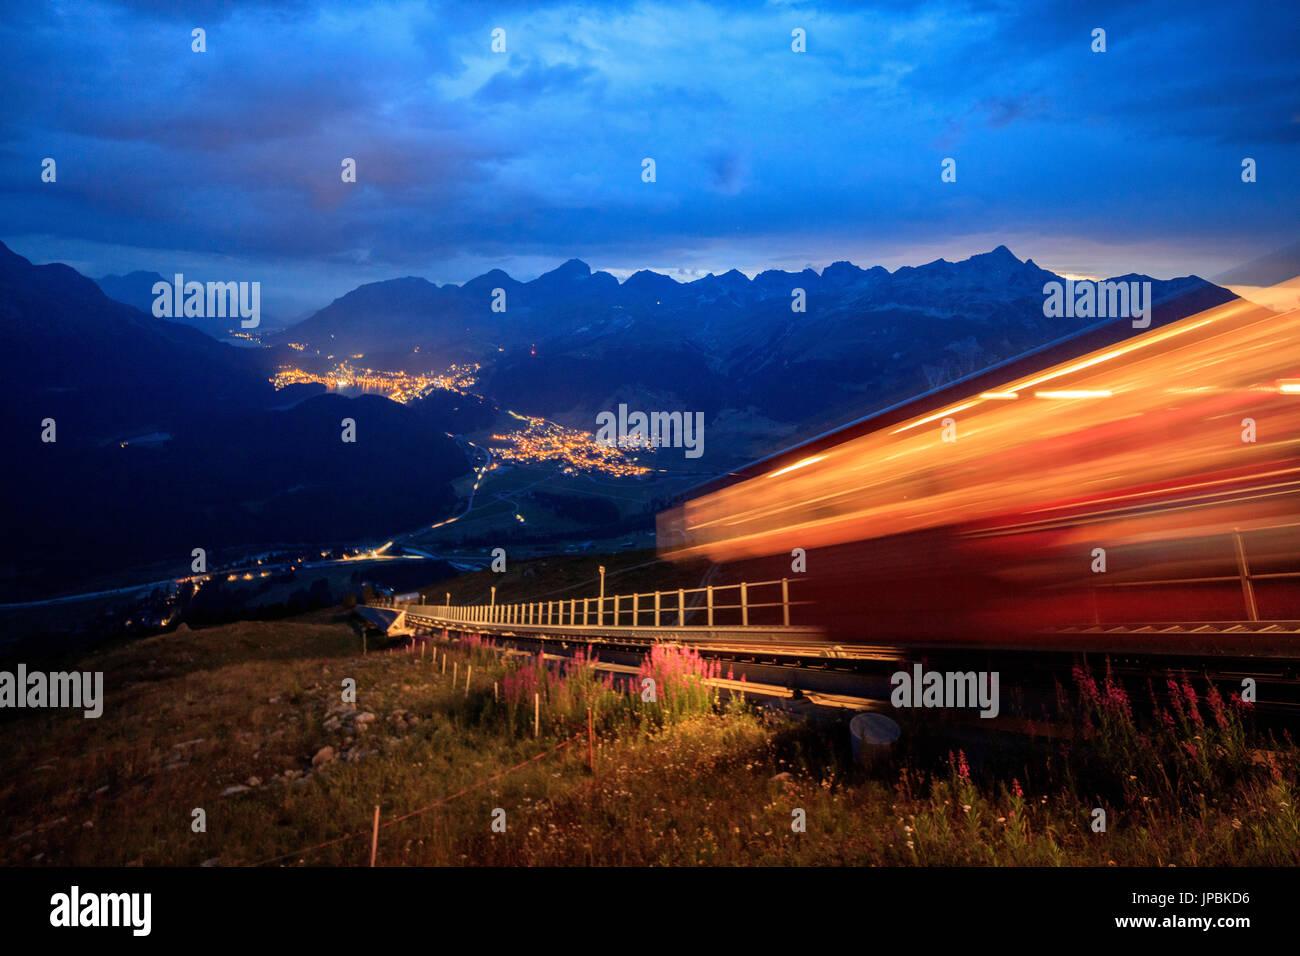 Sur le funiculaire de montagnes abruptes, éclairé par la tombée de Muottas Muragl St.Moritz Engadine Canton des Grisons Suisse Europe Photo Stock